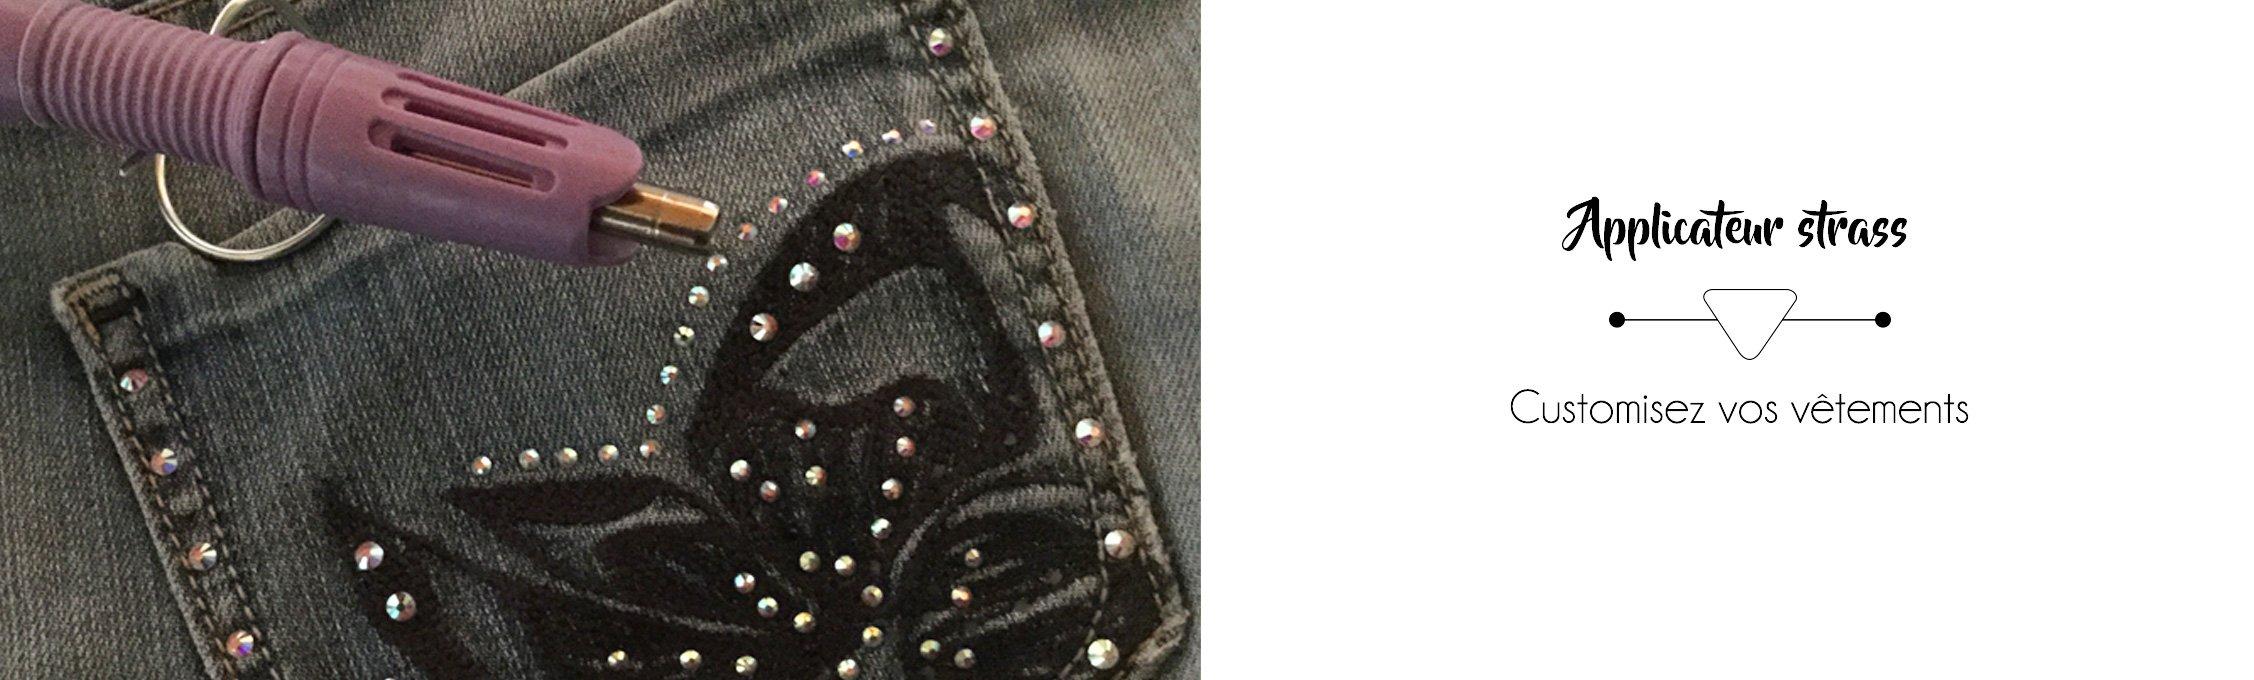 Applicateur strass pour la customisation des poches de vos jeans